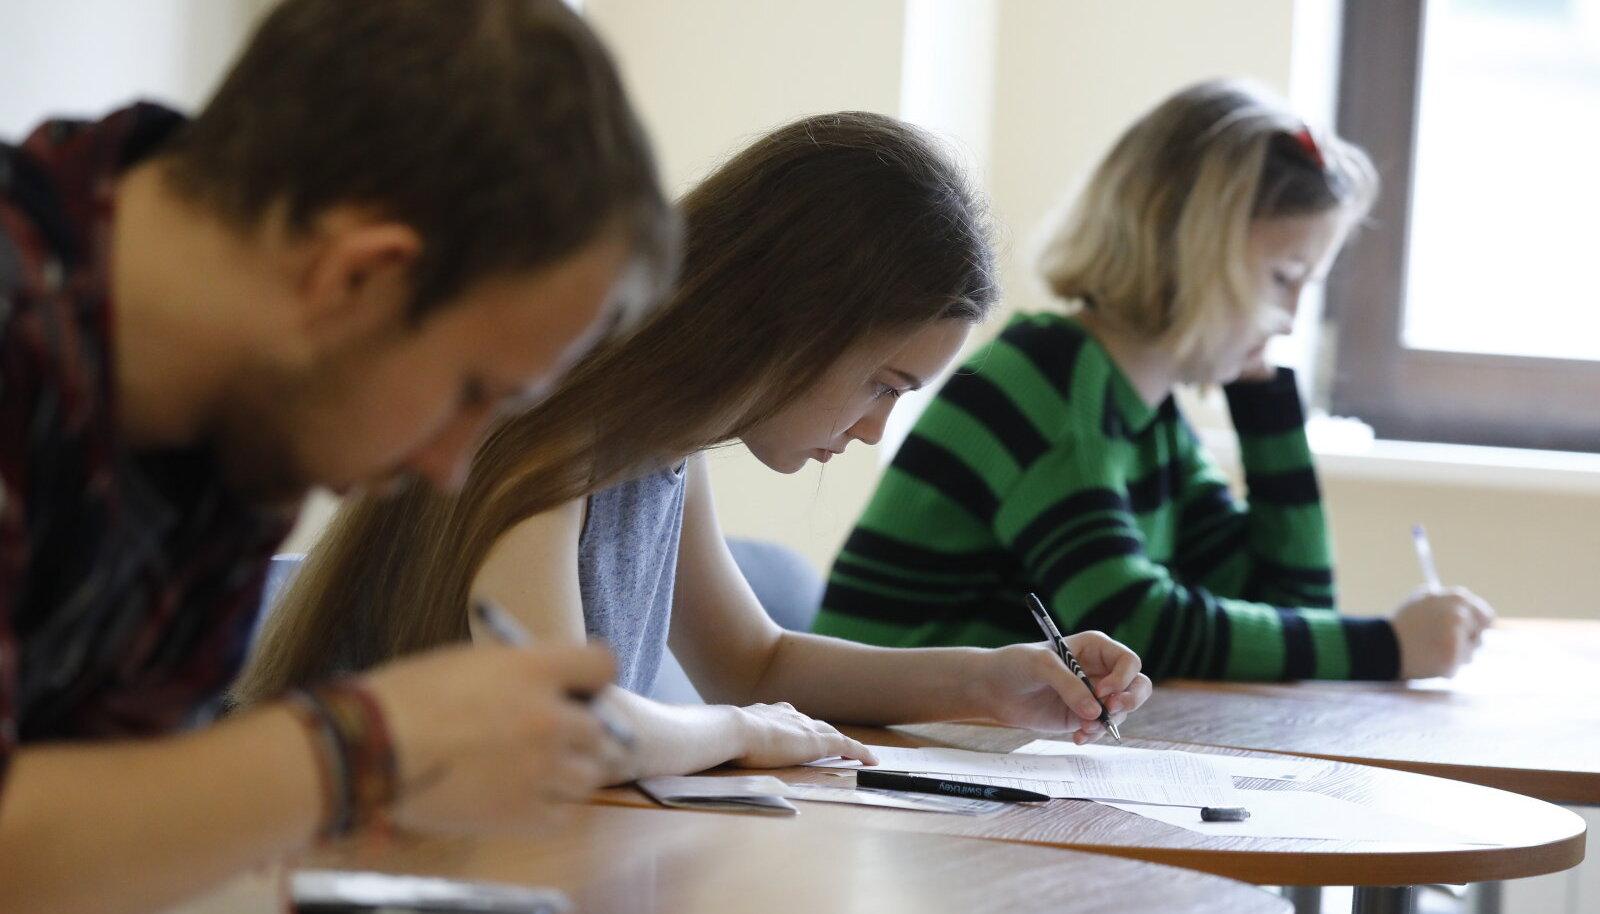 Абитуриенты сдают вступительные экзамены в Высшую школу экономики в Москве